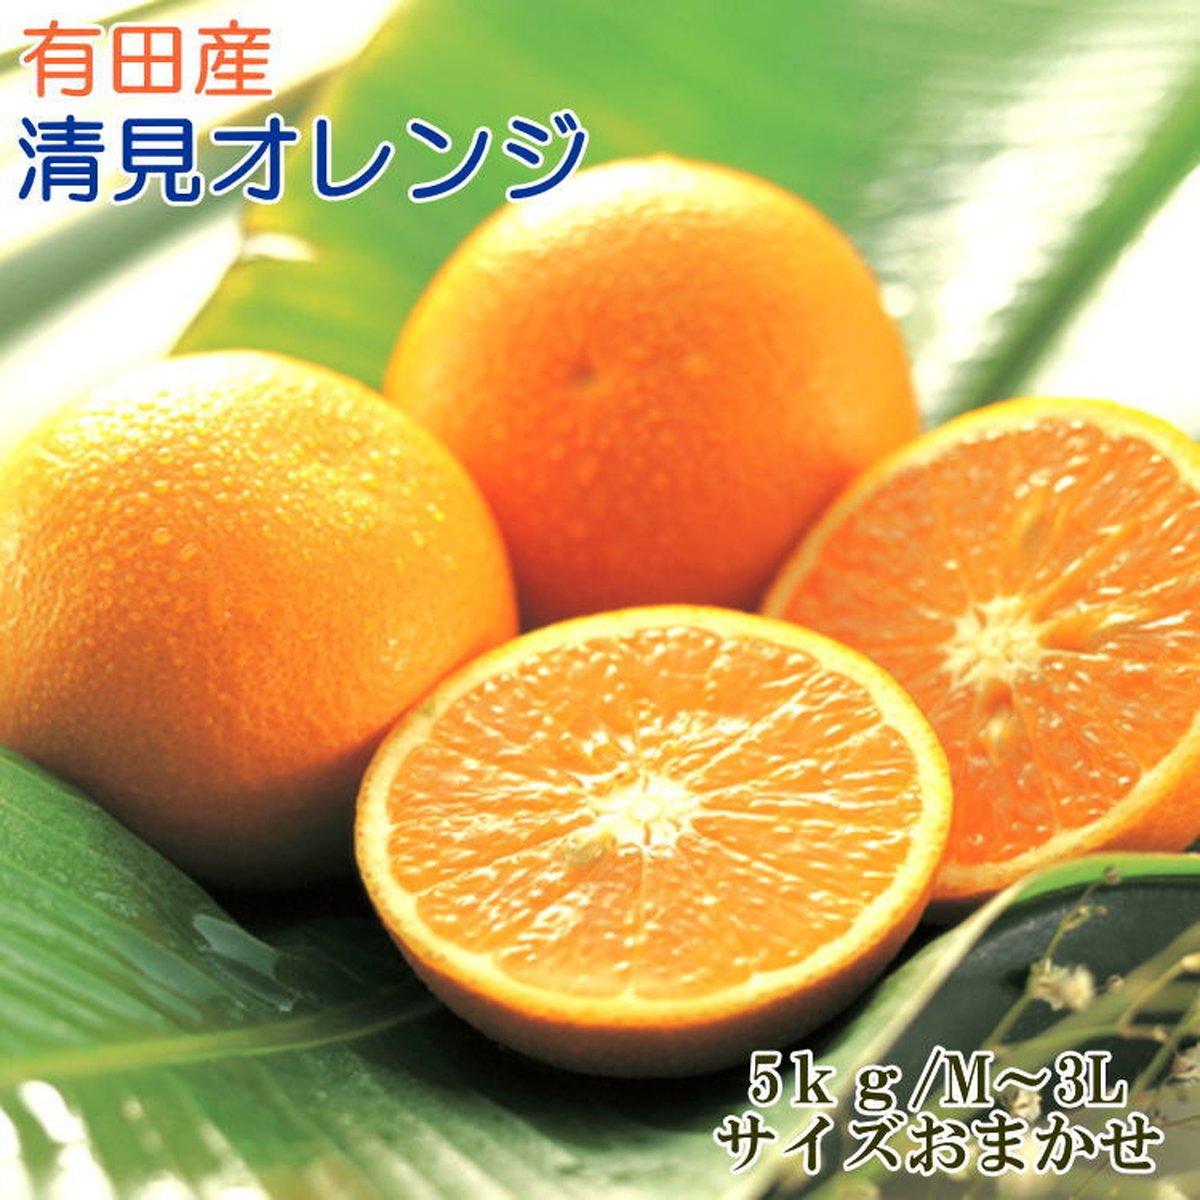 【ふるさと納税】[厳選]有田産清見オレンジ約5kg(サイズおまかせ・秀品)※2021年2月中旬~4月中旬頃に順次発送予定